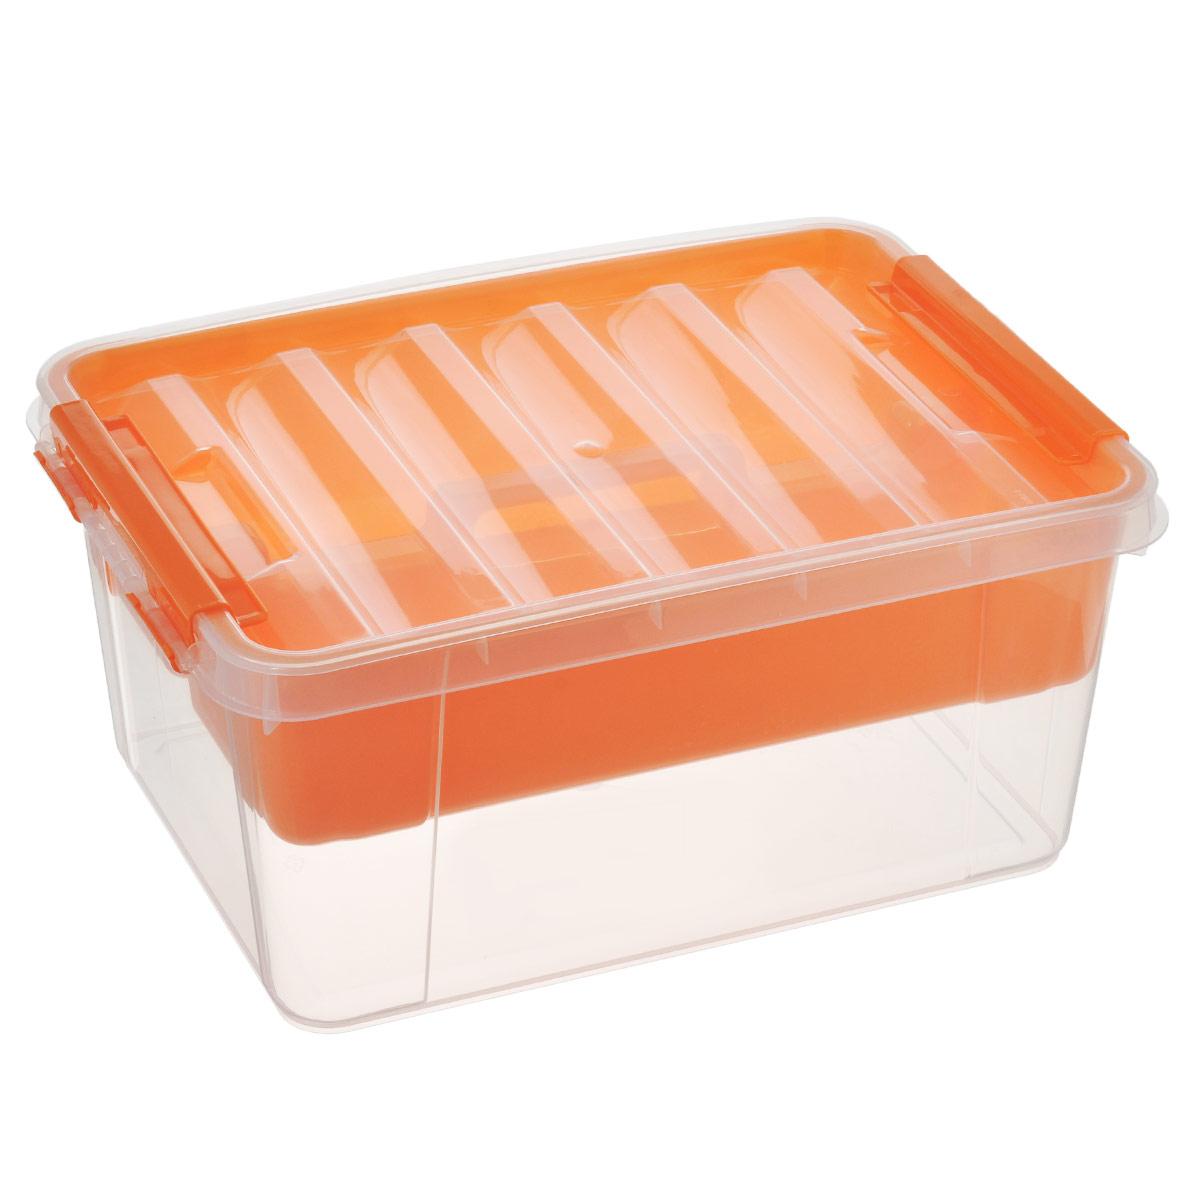 Ящик Полимербыт Профи, с вкладышем, цвет: оранжевый, 15 лС50801Вместительный ящик Полимербыт Профи выполнен из прозрачного пластика и предназначен для хранения различных предметов. Ящик оснащен удобной крышкой с рельефной поверхностью. Внутри ящика имеется съемный вкладыш с двумя глубокими секциями. Контейнер снабжен двумя пластиковыми фиксаторами по бокам, придающими дополнительную надежность закрывания крышки. Вместительный контейнер позволит сохранить различные нужные вещи в порядке, а герметичная крышка предотвратит случайное открывание, защитит содержимое от пыли и грязи.Размер внутренних секций: 36,5 см х 12,5 см х 9 см.Объем: 15 л.